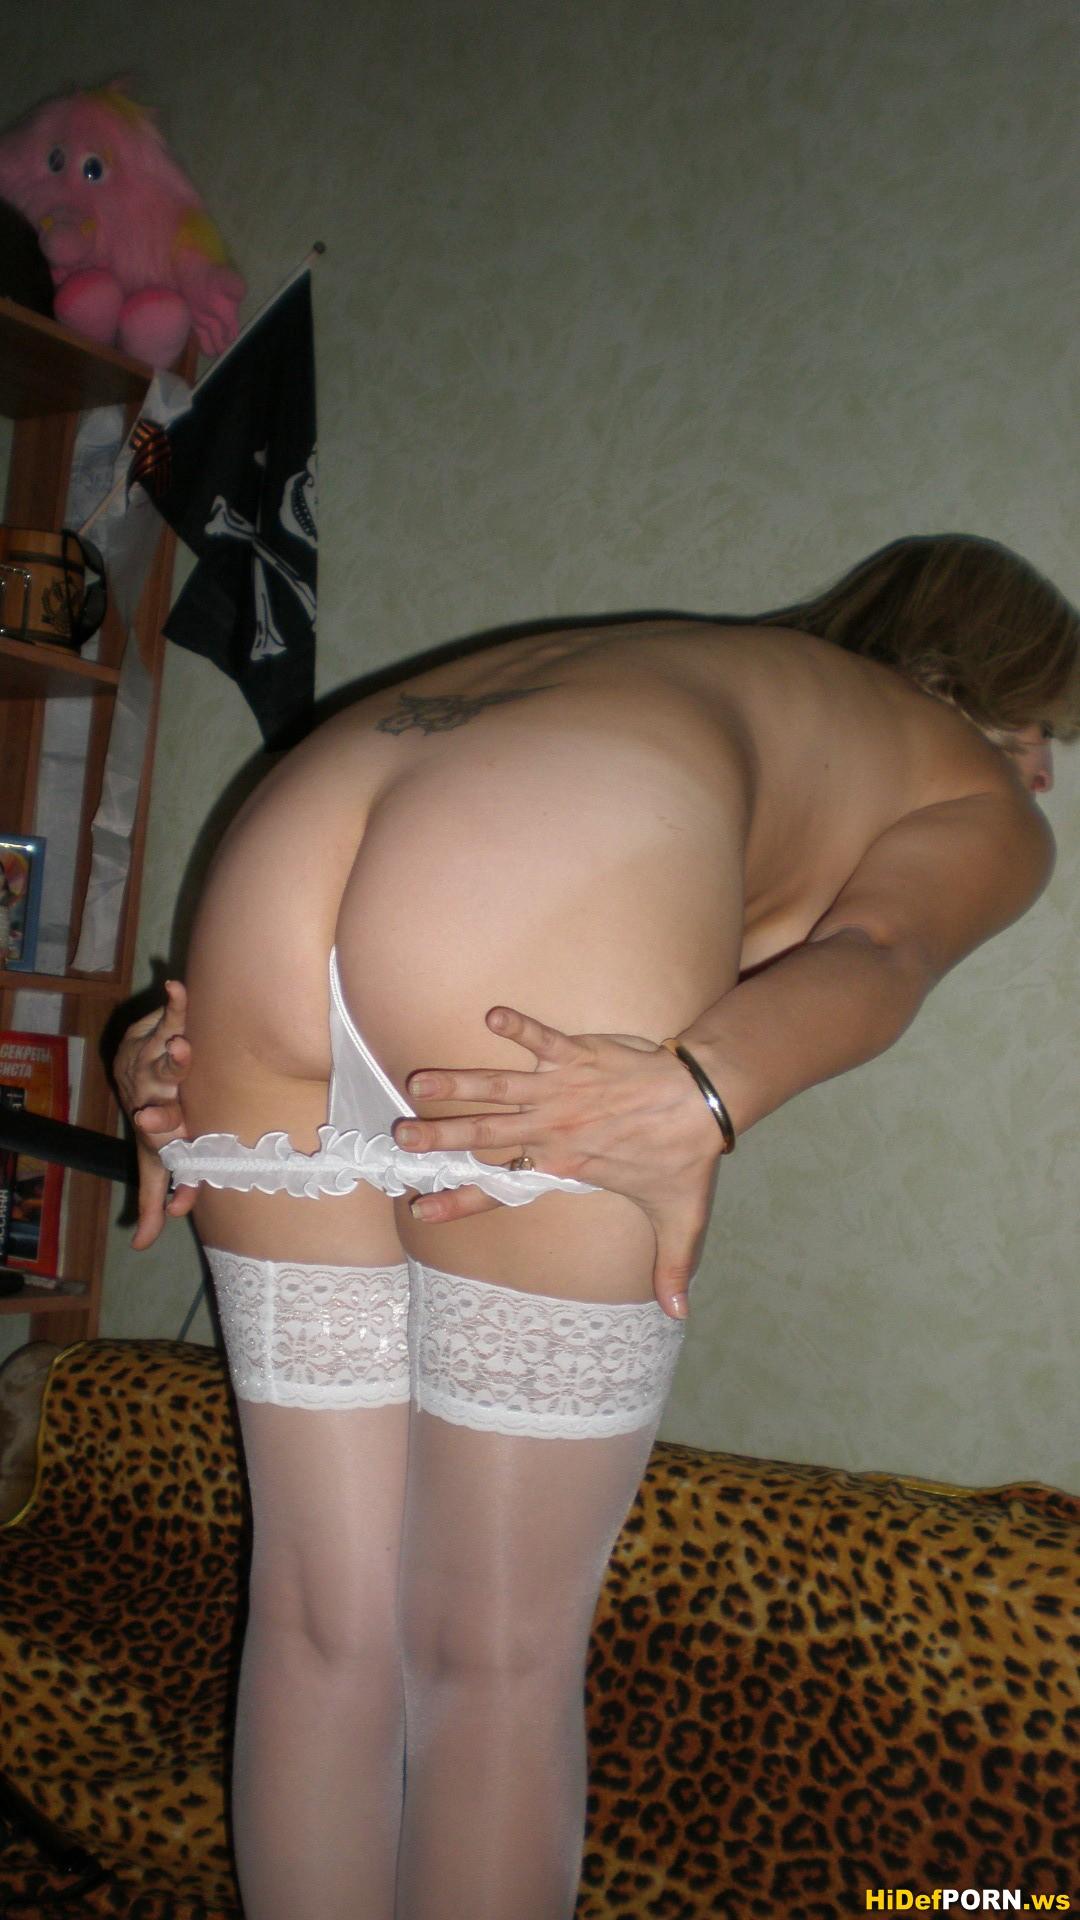 Секс девушки в интимном белье 16 фотография